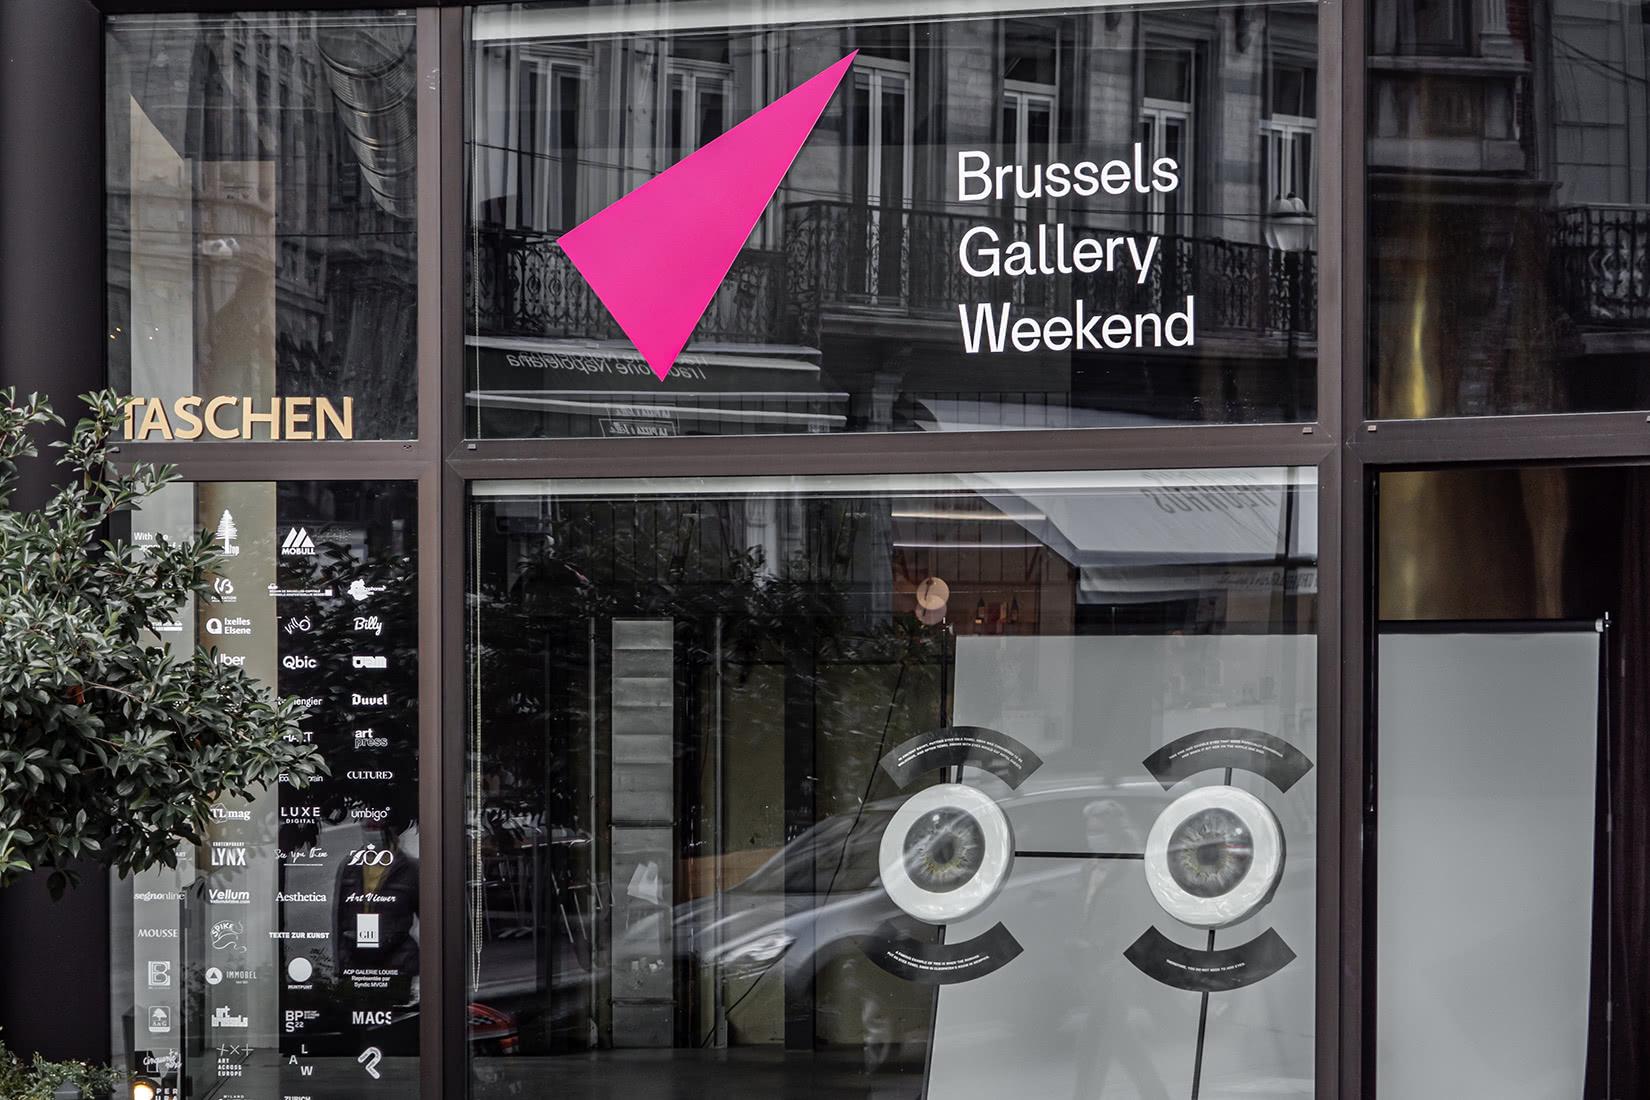 Sybille du Roy brussels art weekend gallery - Luxe Digital